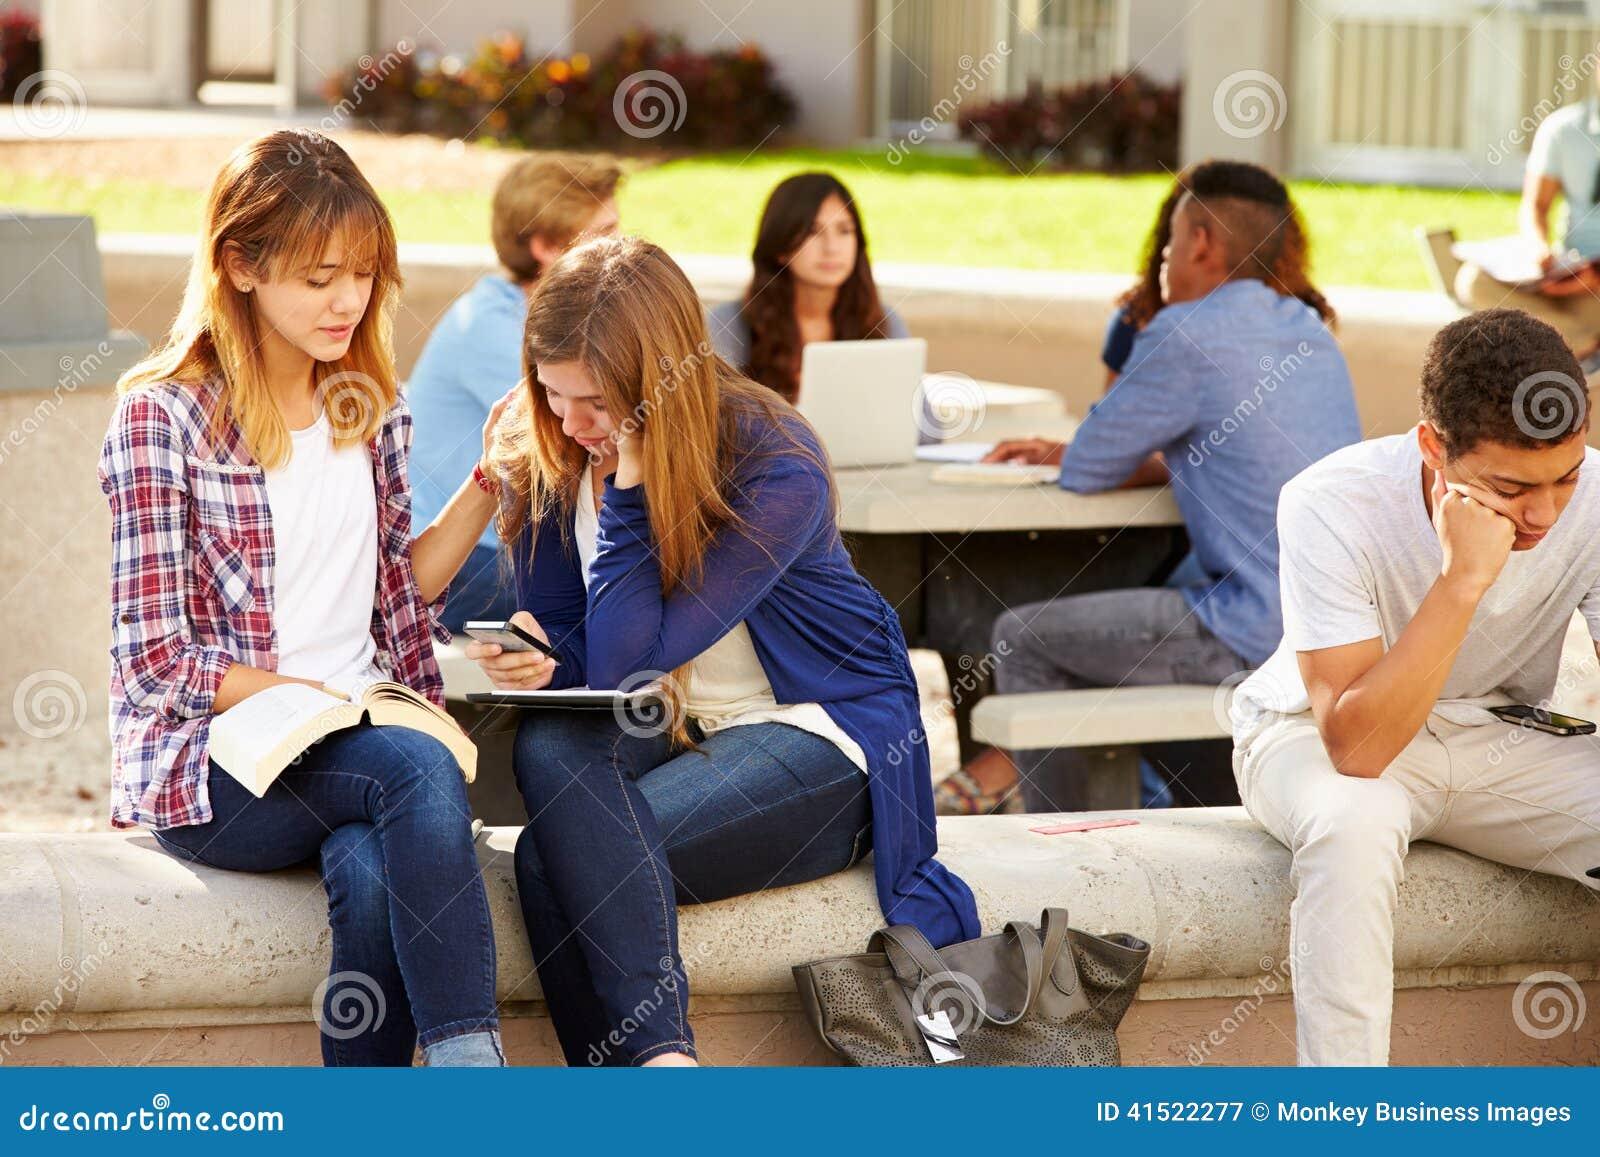 Kvinnlig högstadiumstudent Comforting Unhappy Friend